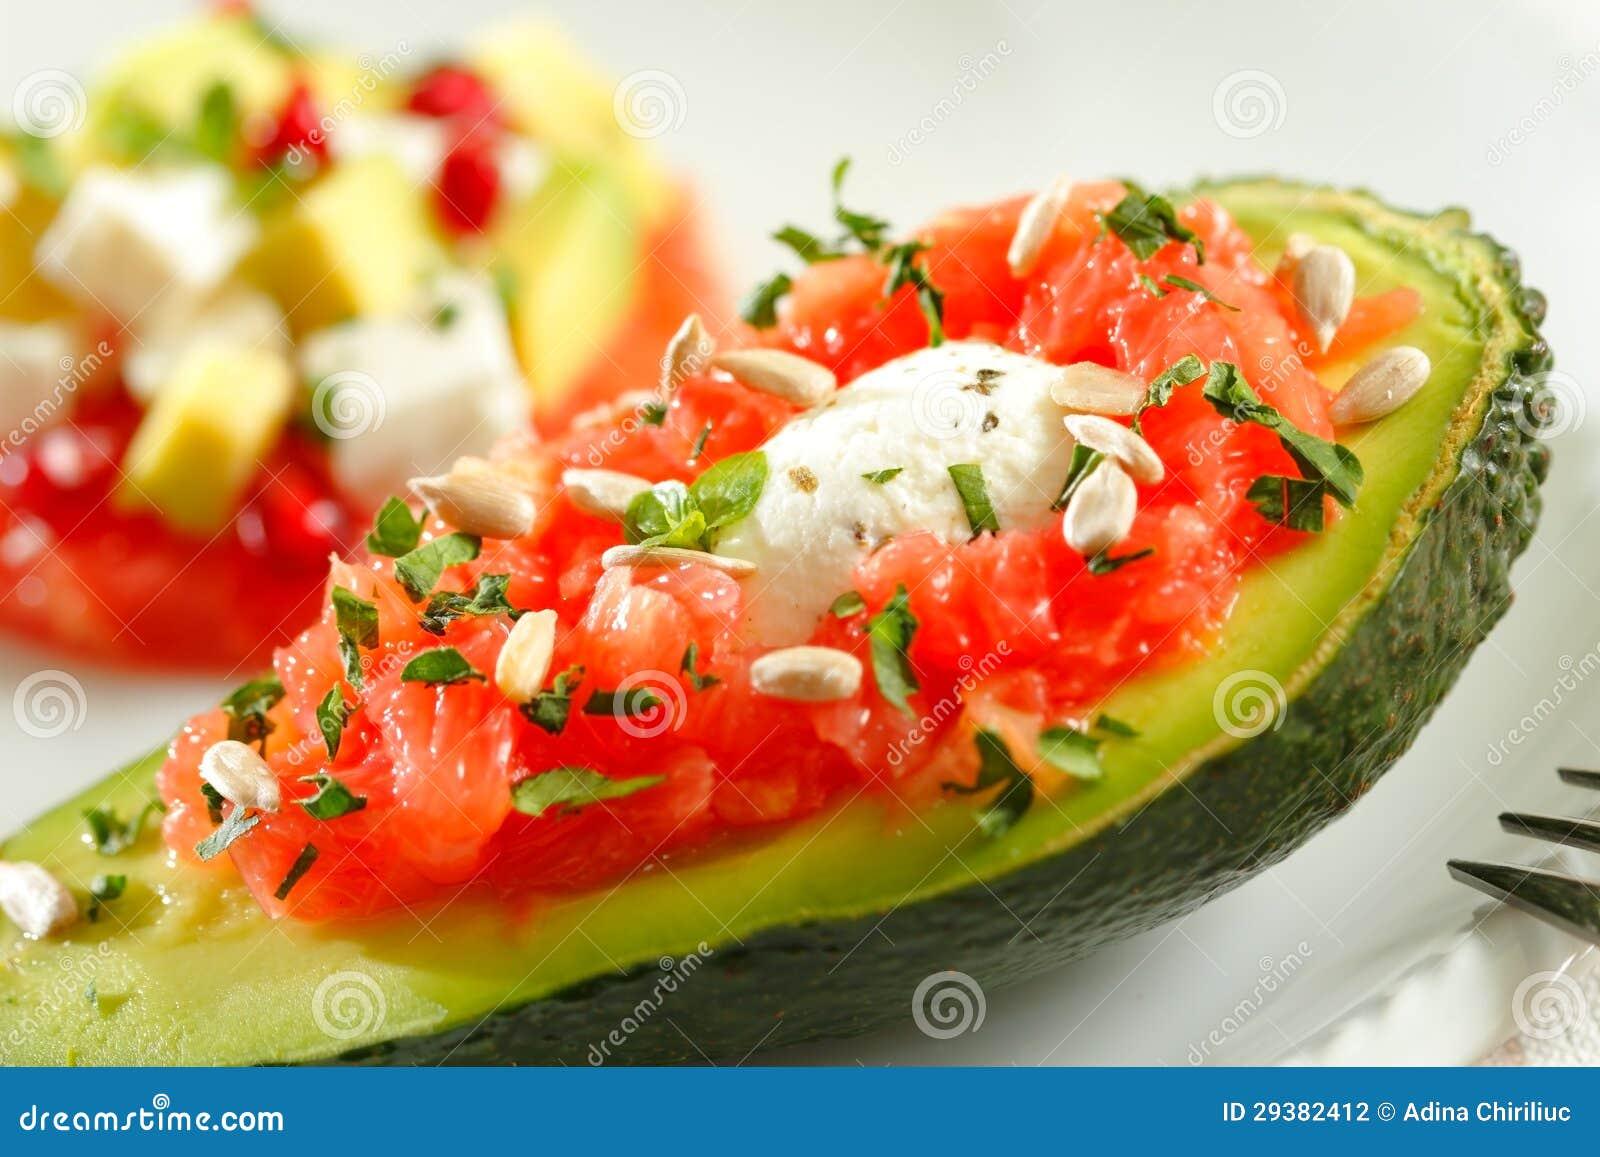 De salade van de avocado